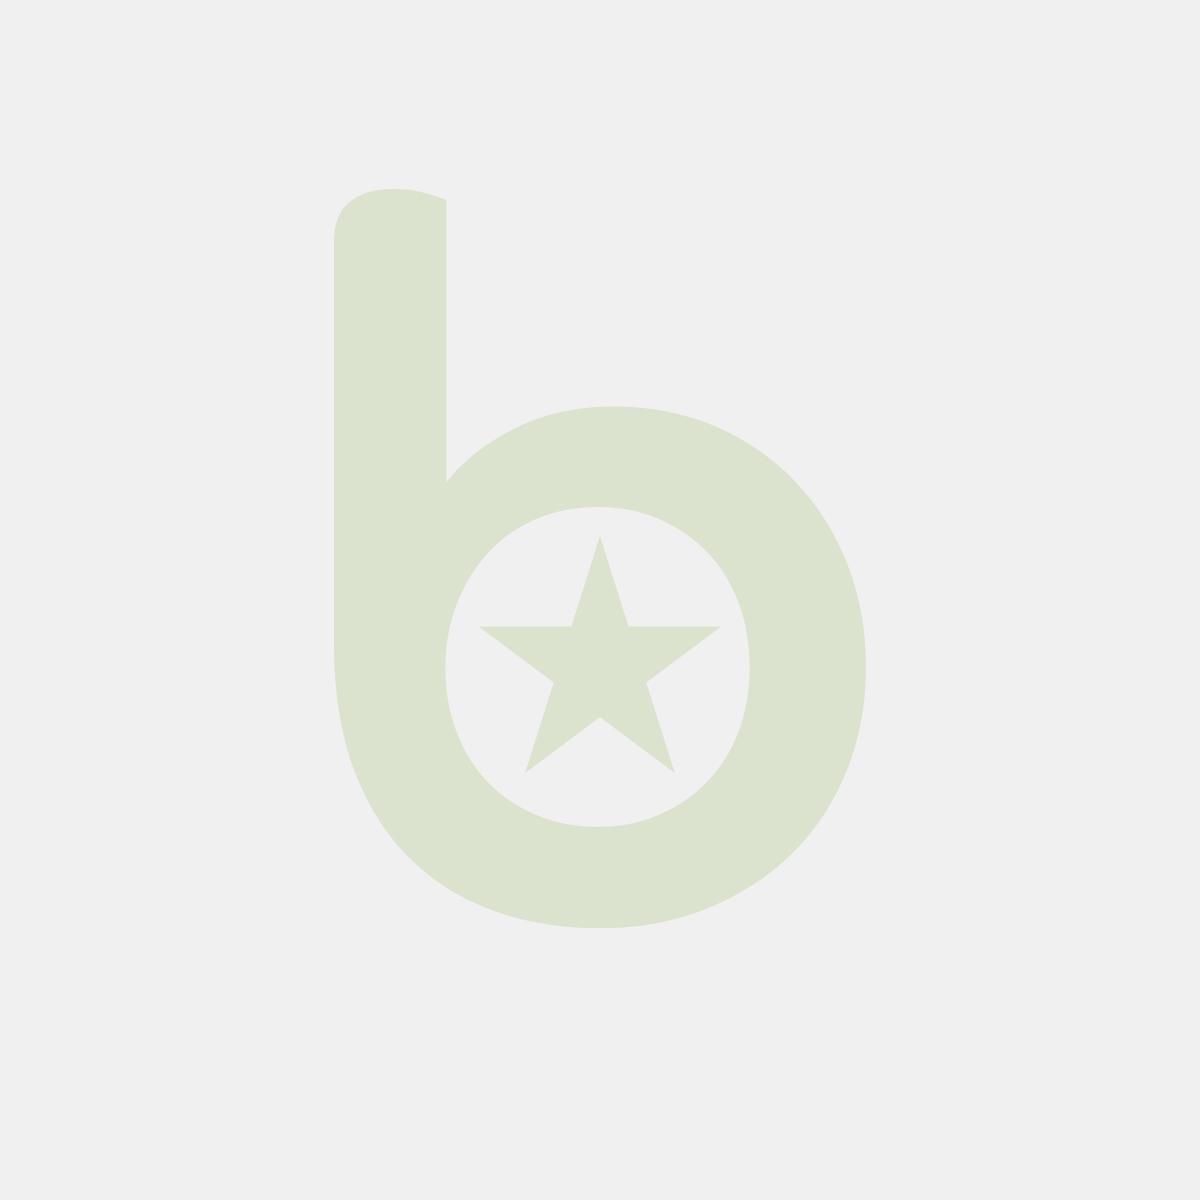 Folia ochronna bąbelkowa HERLITZ. Rolka 5m x 0,40m.